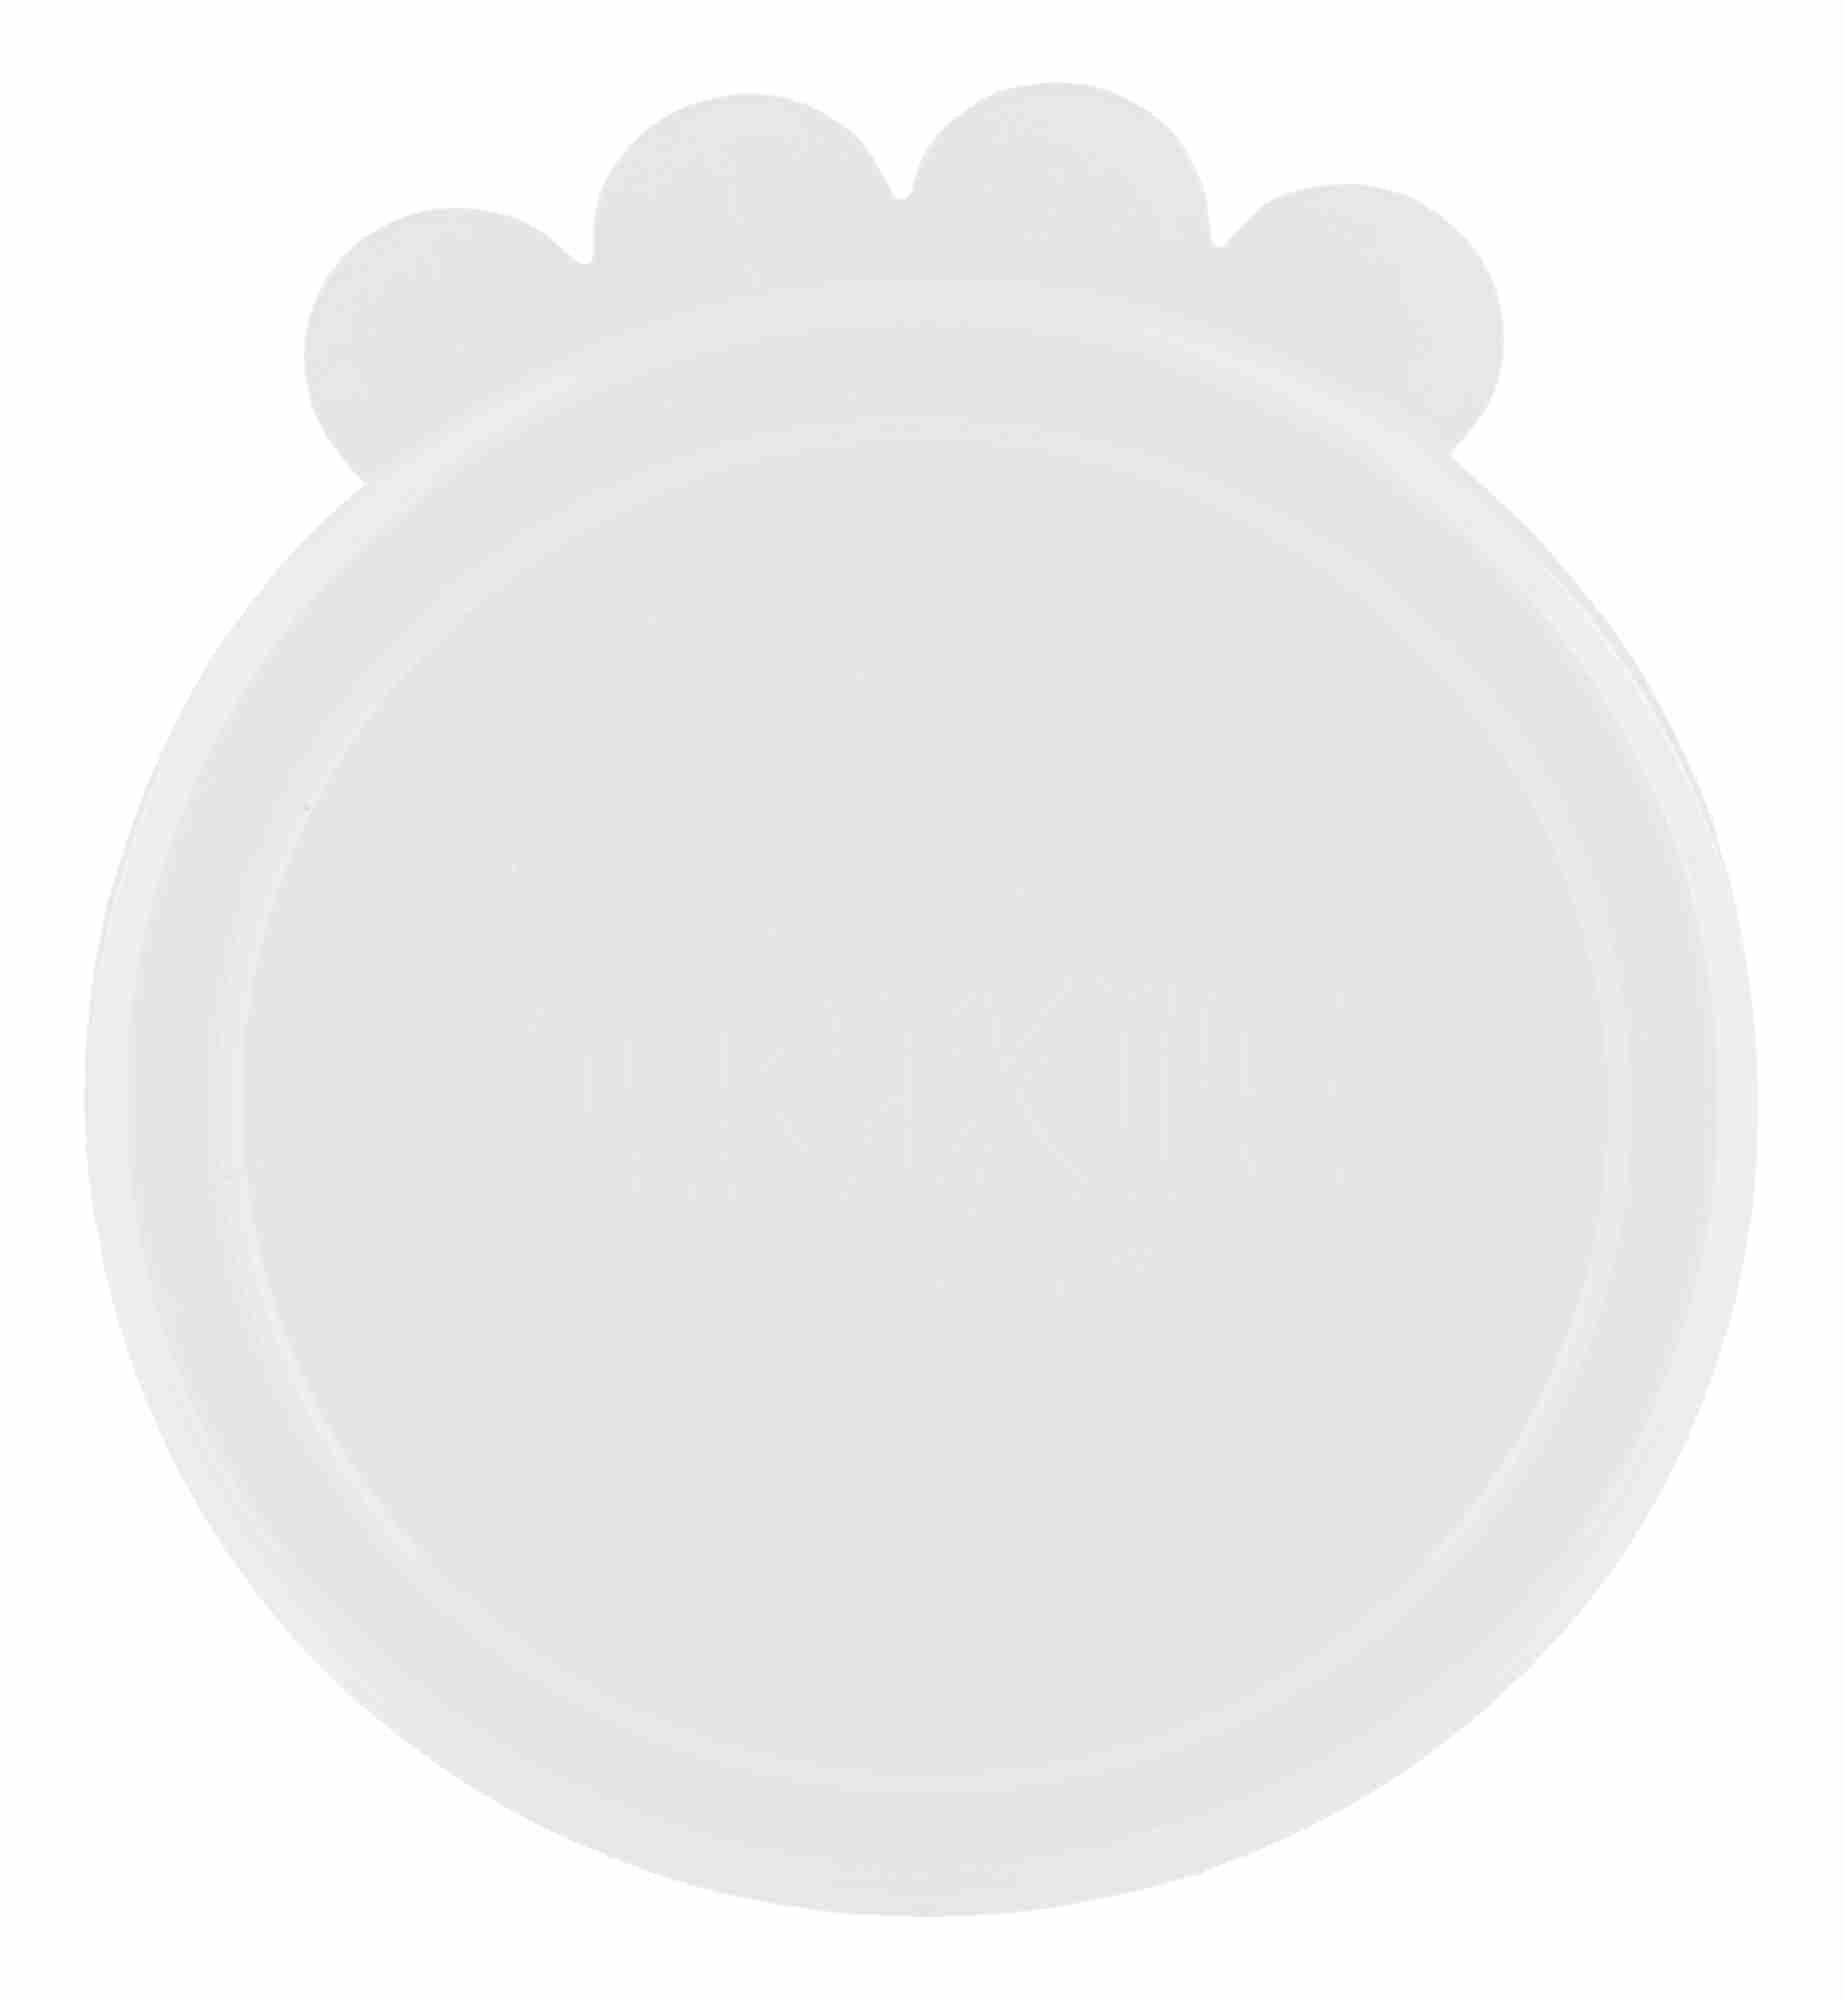 TRIXIE Dosendeckel, Silikon TRIXIE Dosendeckel, Silikon, ø 10,6 cm, 1 St., transparent